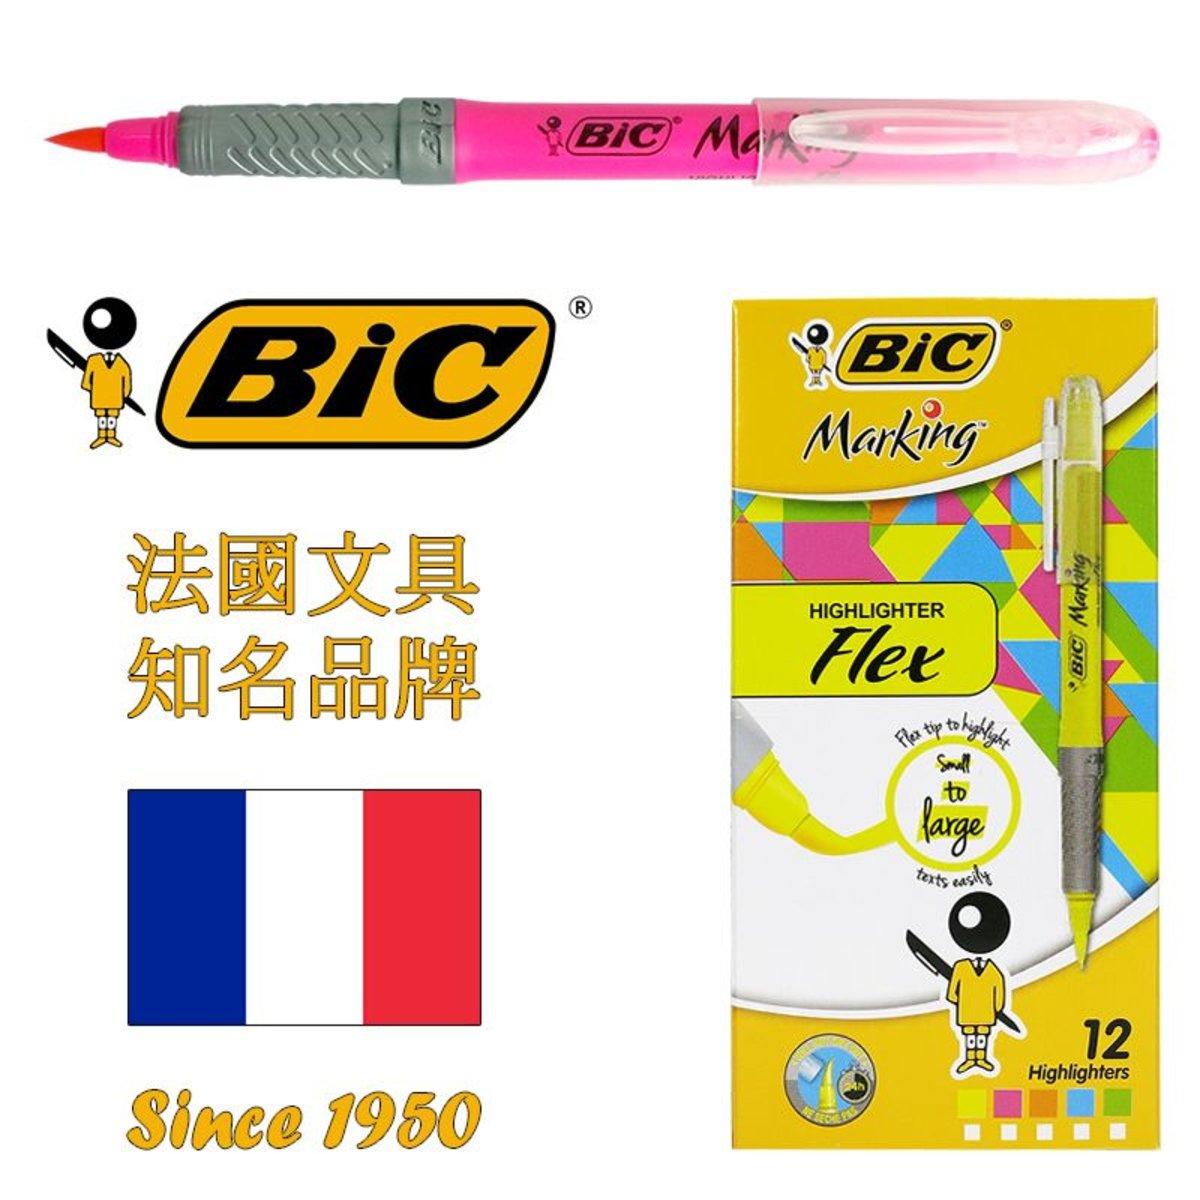 Marking Highlighter Flex Pen – Pink (Made in USA) | 12 pcs/box